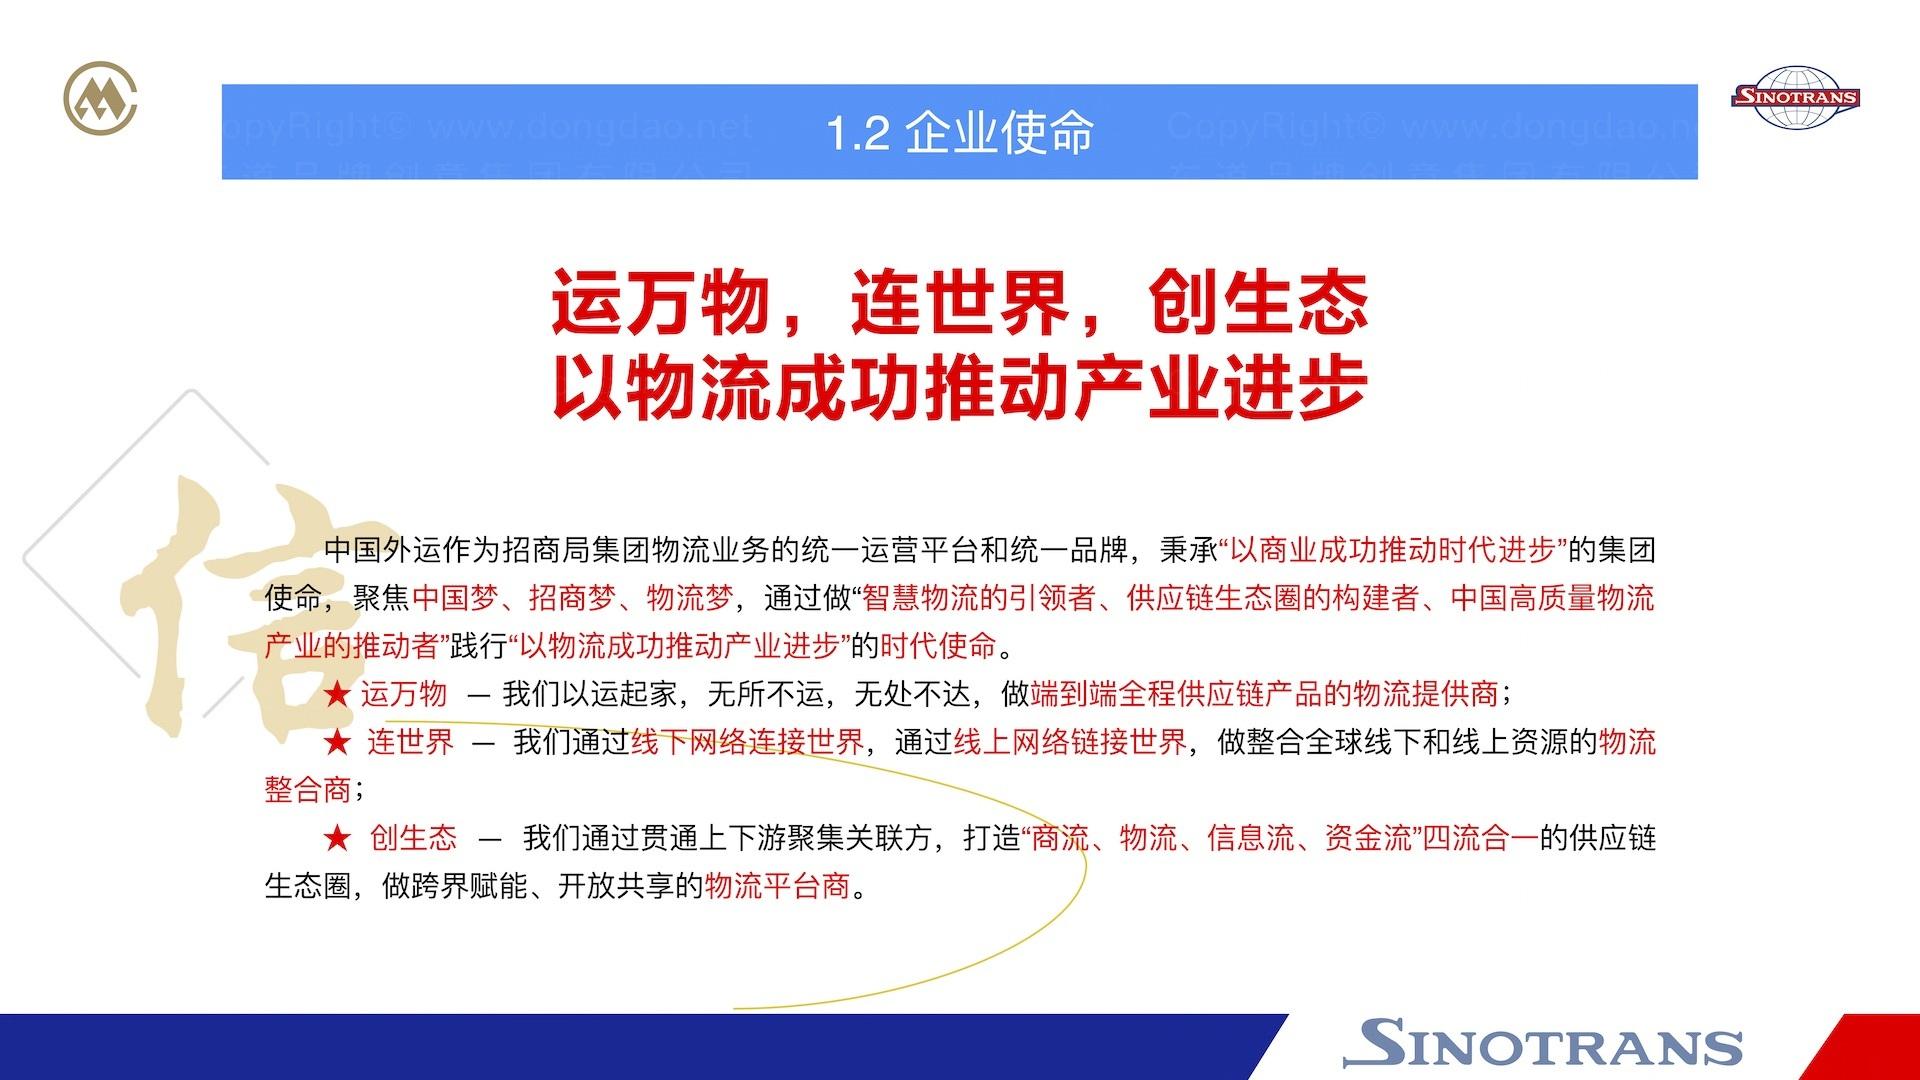 品牌战略&企业文化中国外运企业文化落地项目企业文化手册应用场景_2